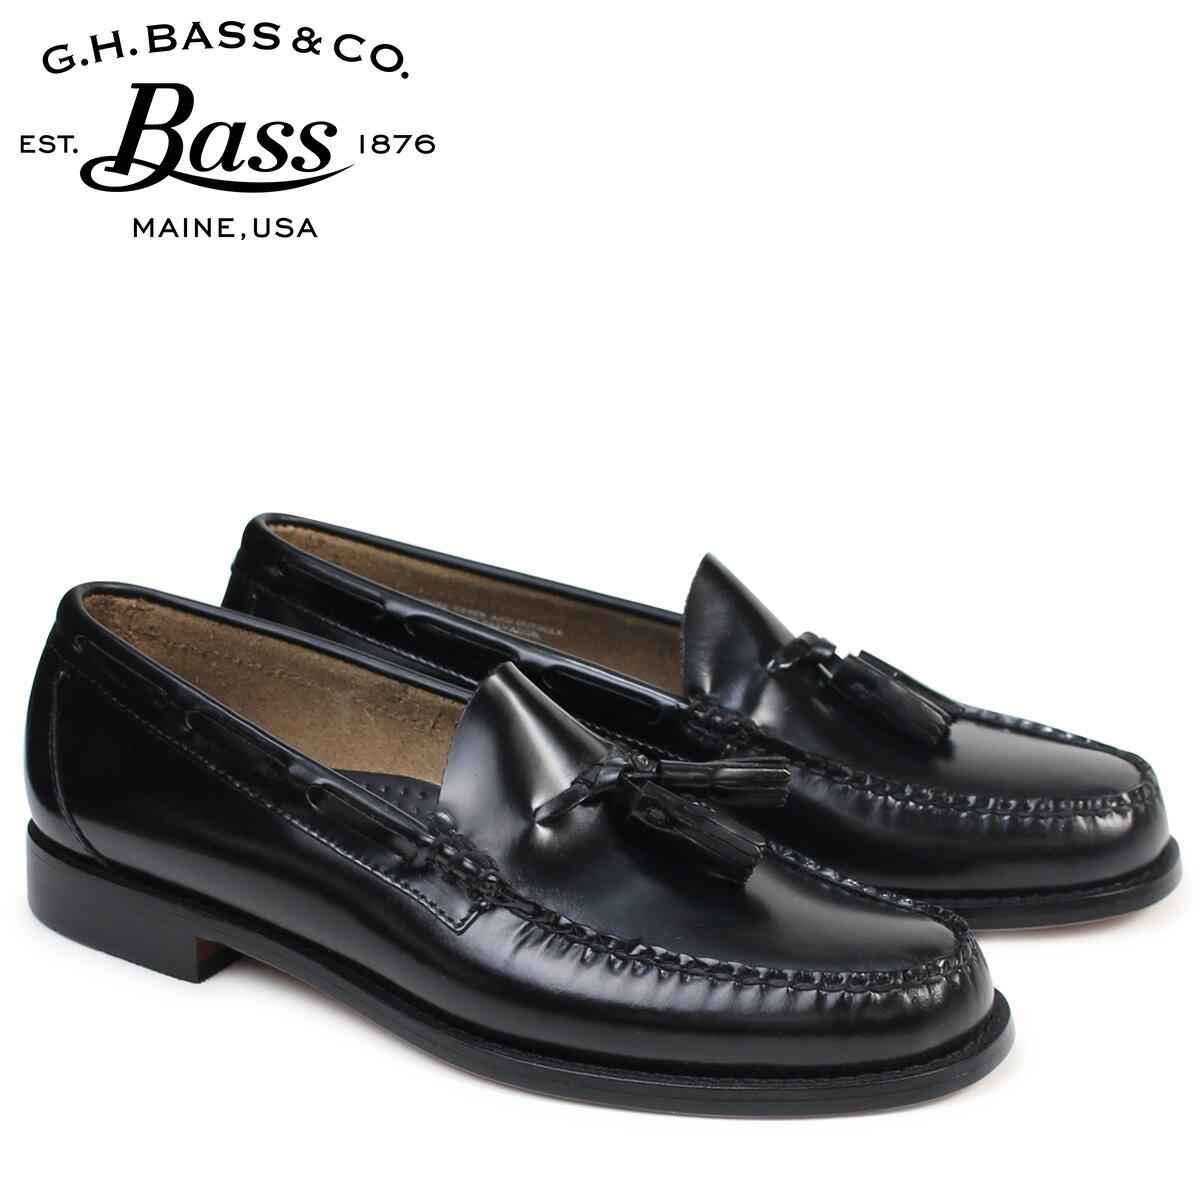 ジーエイチバス ローファー G.H. BASS メンズ ペニー タッセル LEXINGTON TASSEL WEEJUNS 70-10904 靴 ブラック